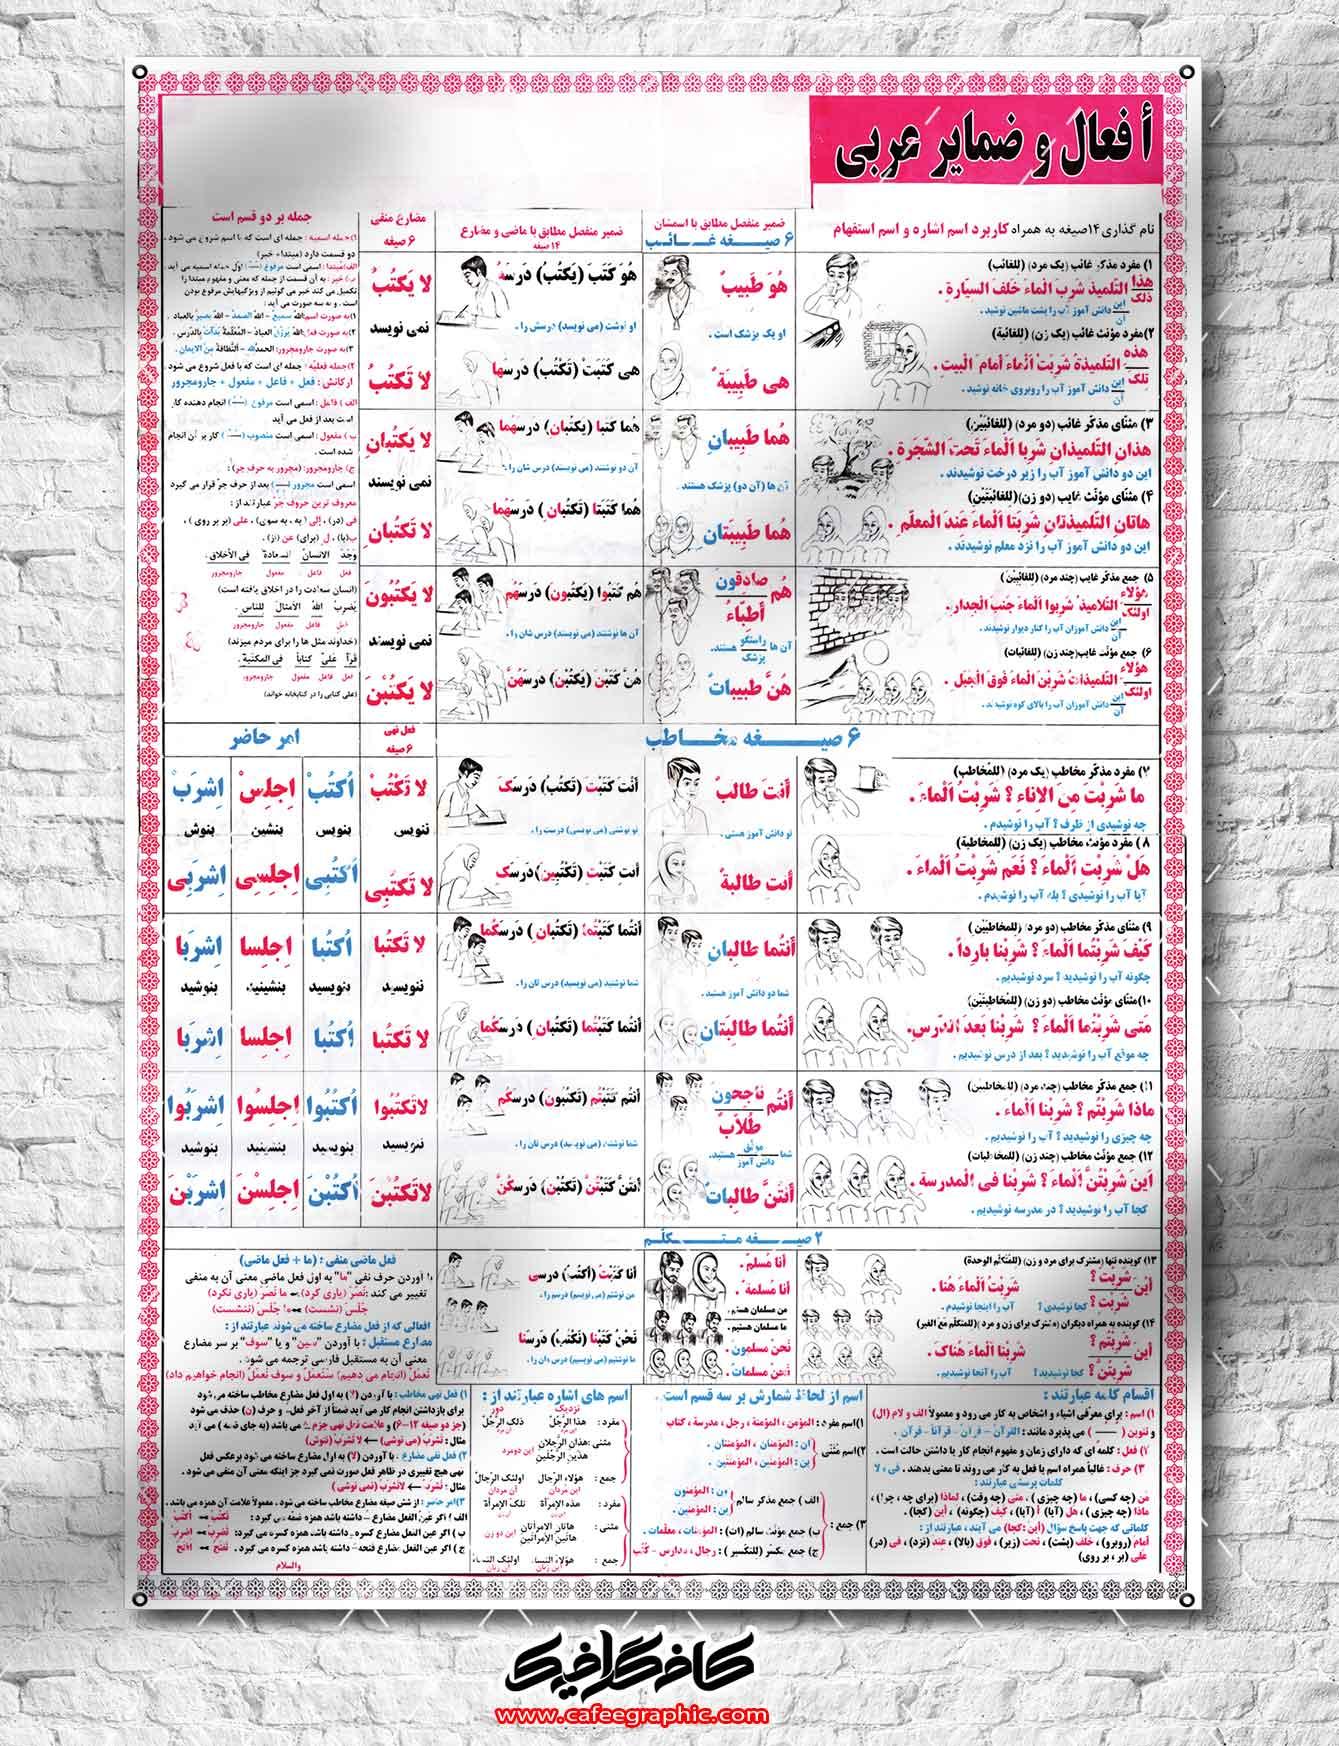 پوستر آموزشی افعال و ضمایر عربی